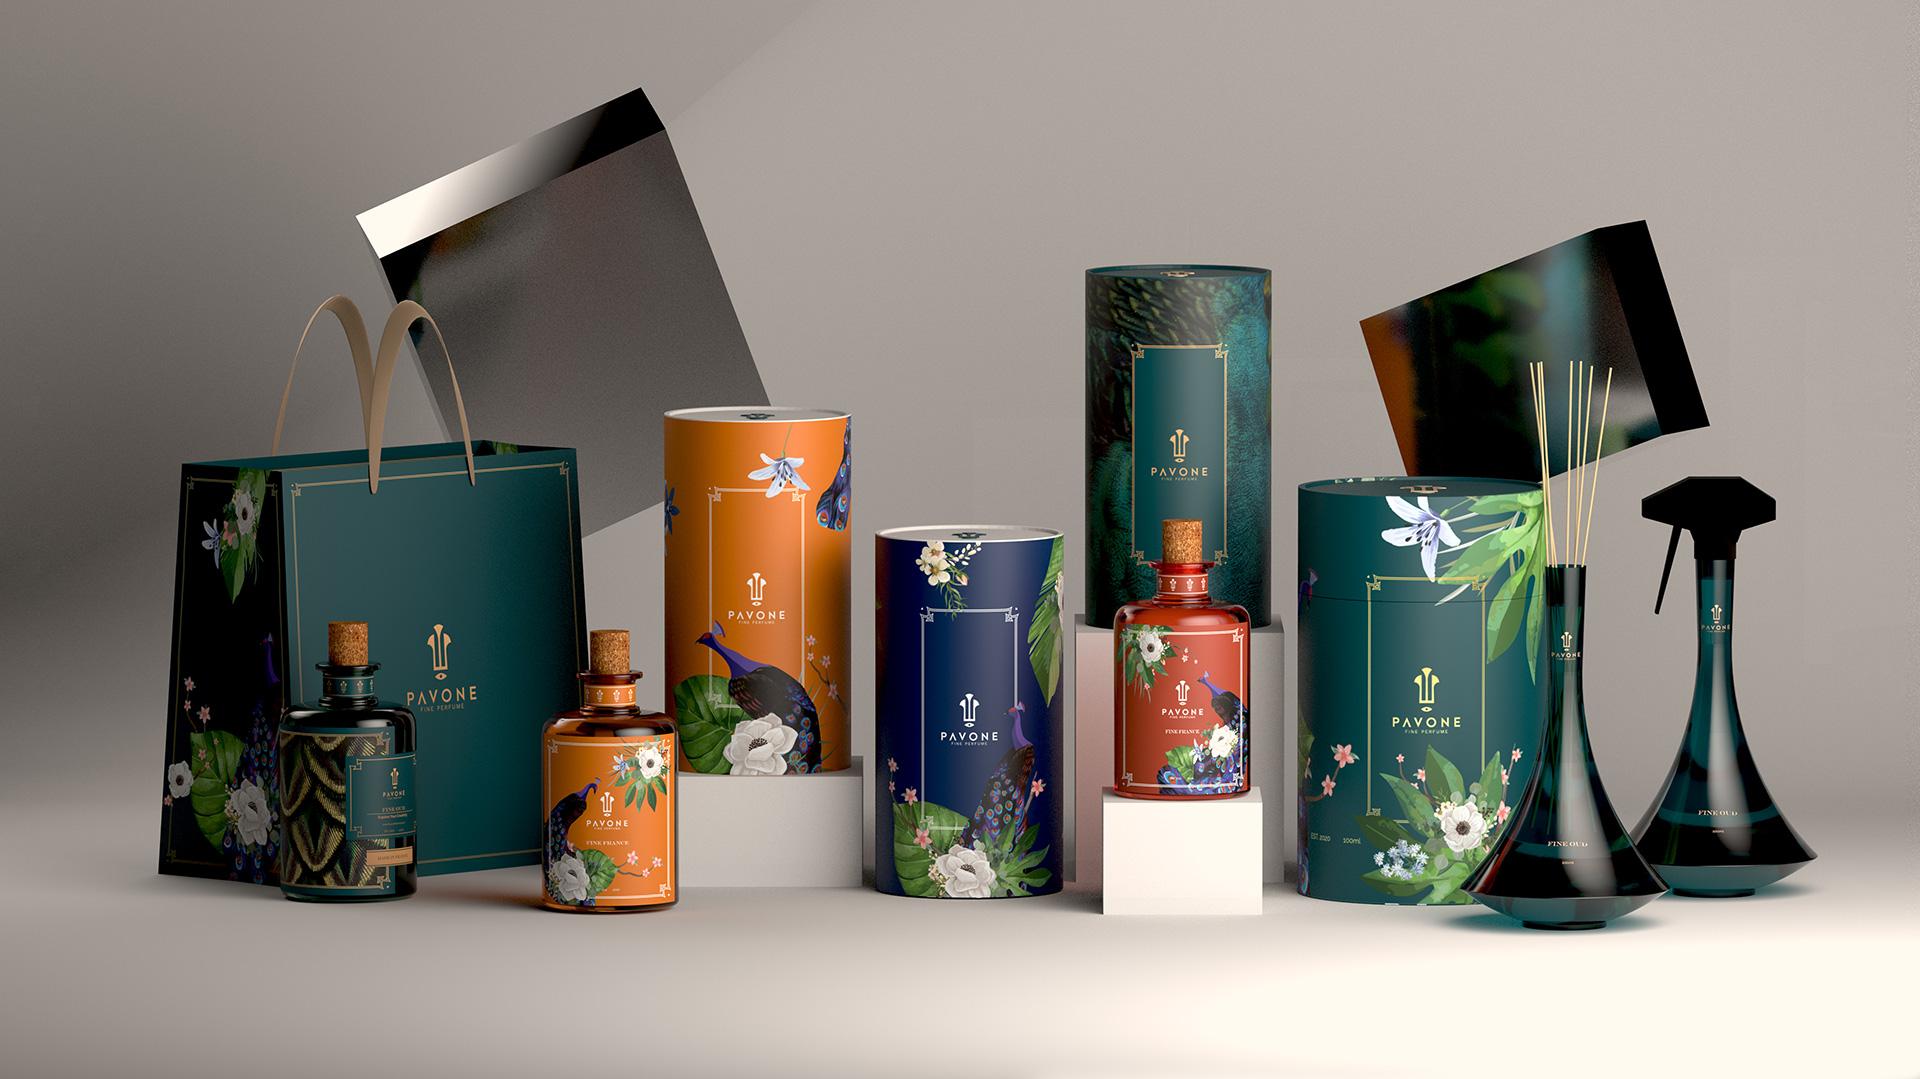 Pavone Perfumes Packaging Design by Ziad Al Halabi